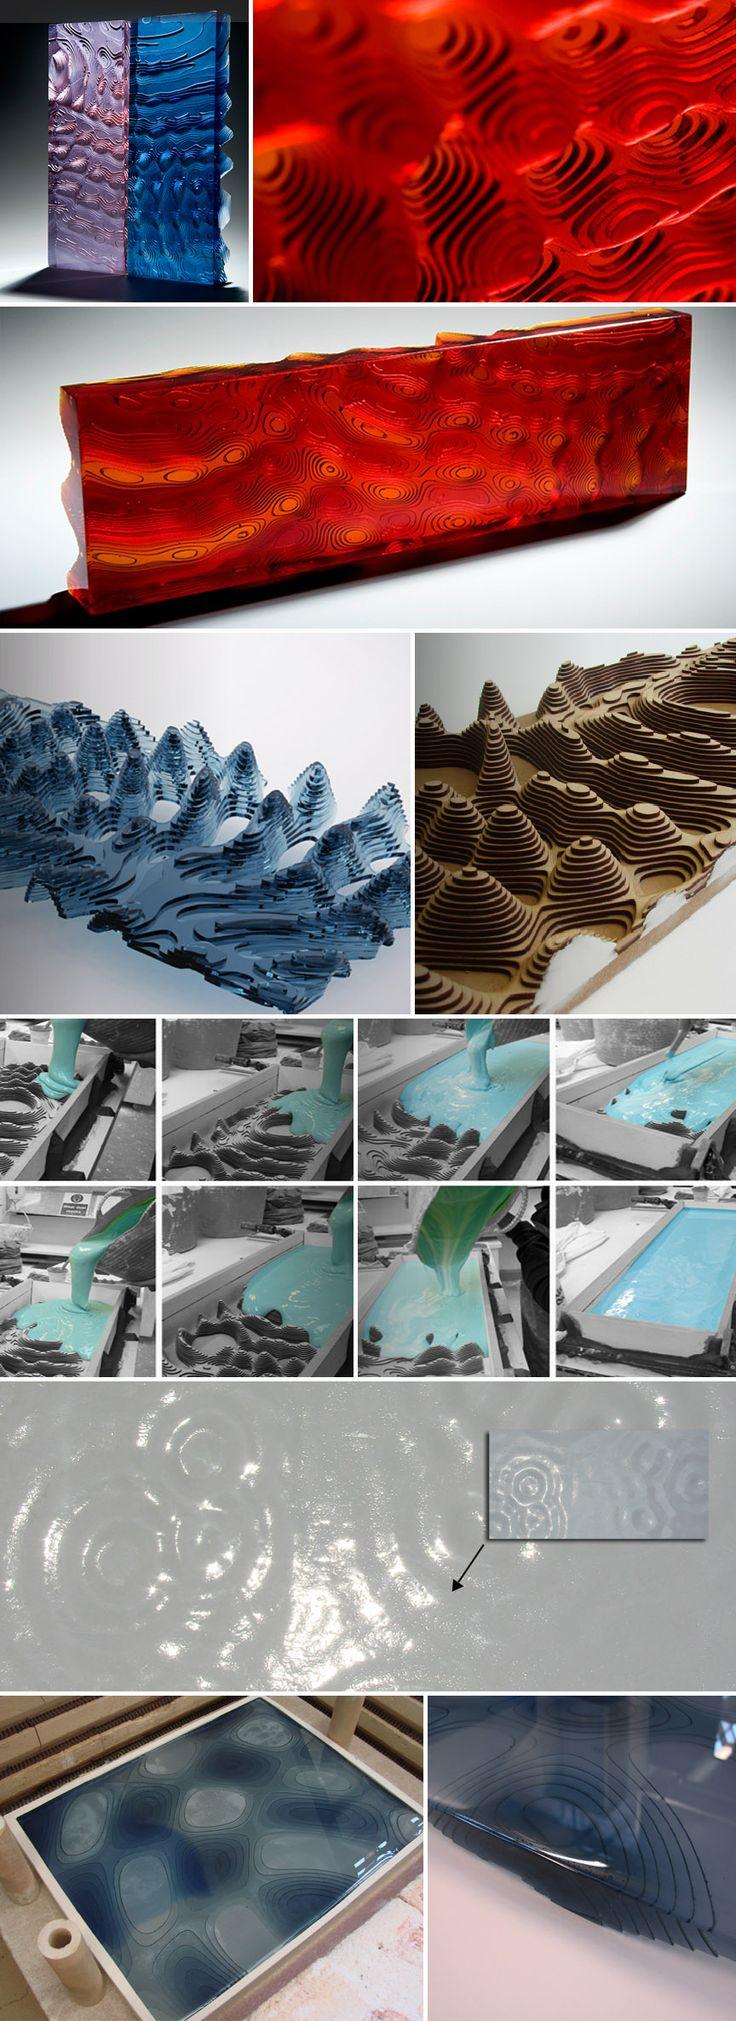 kanecali-glasssculptures-collabcubed.jpg (864×2373)